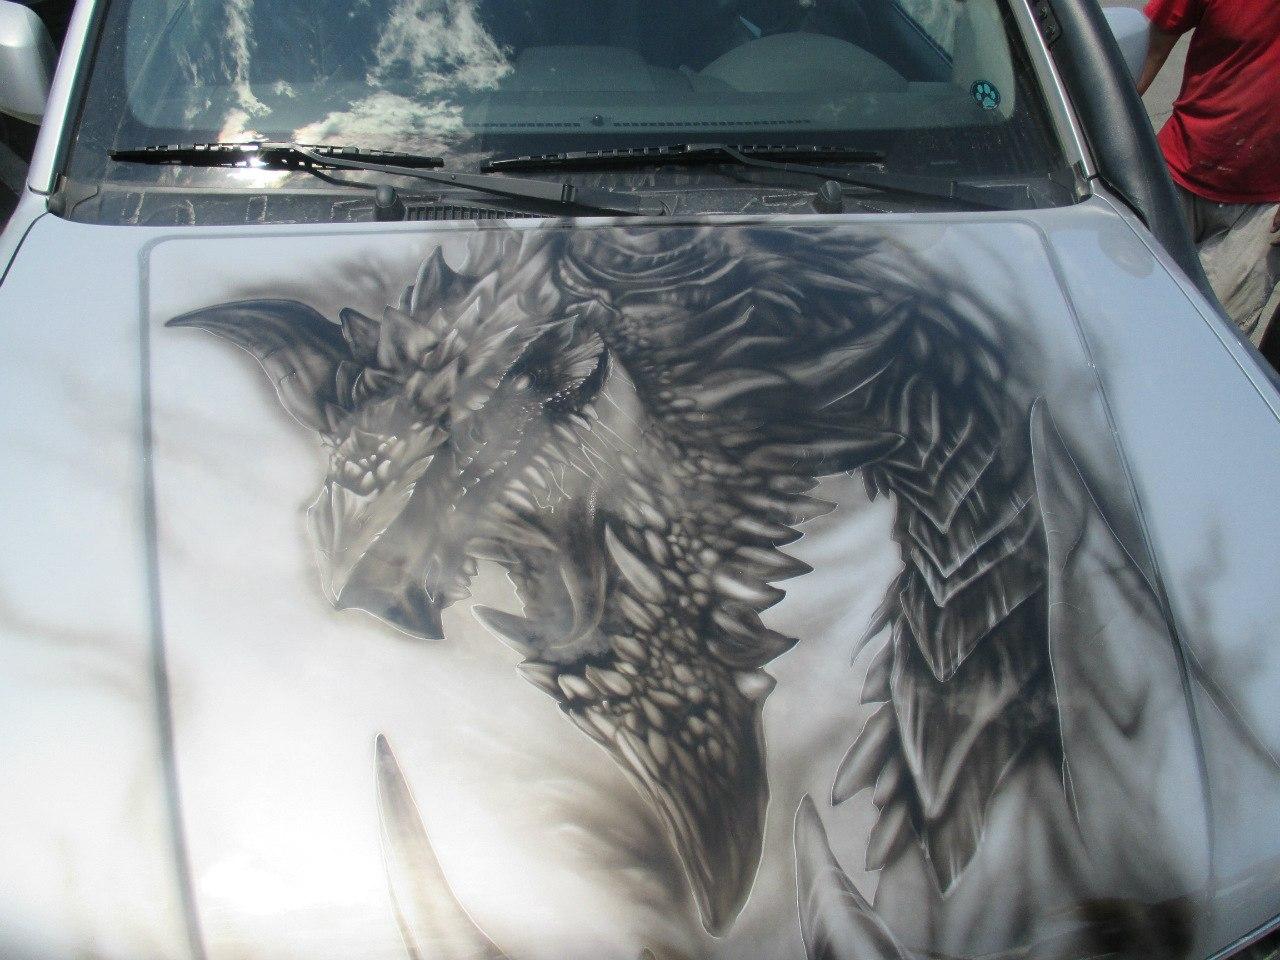 Аэрография на авто, Ниссан - Дракон